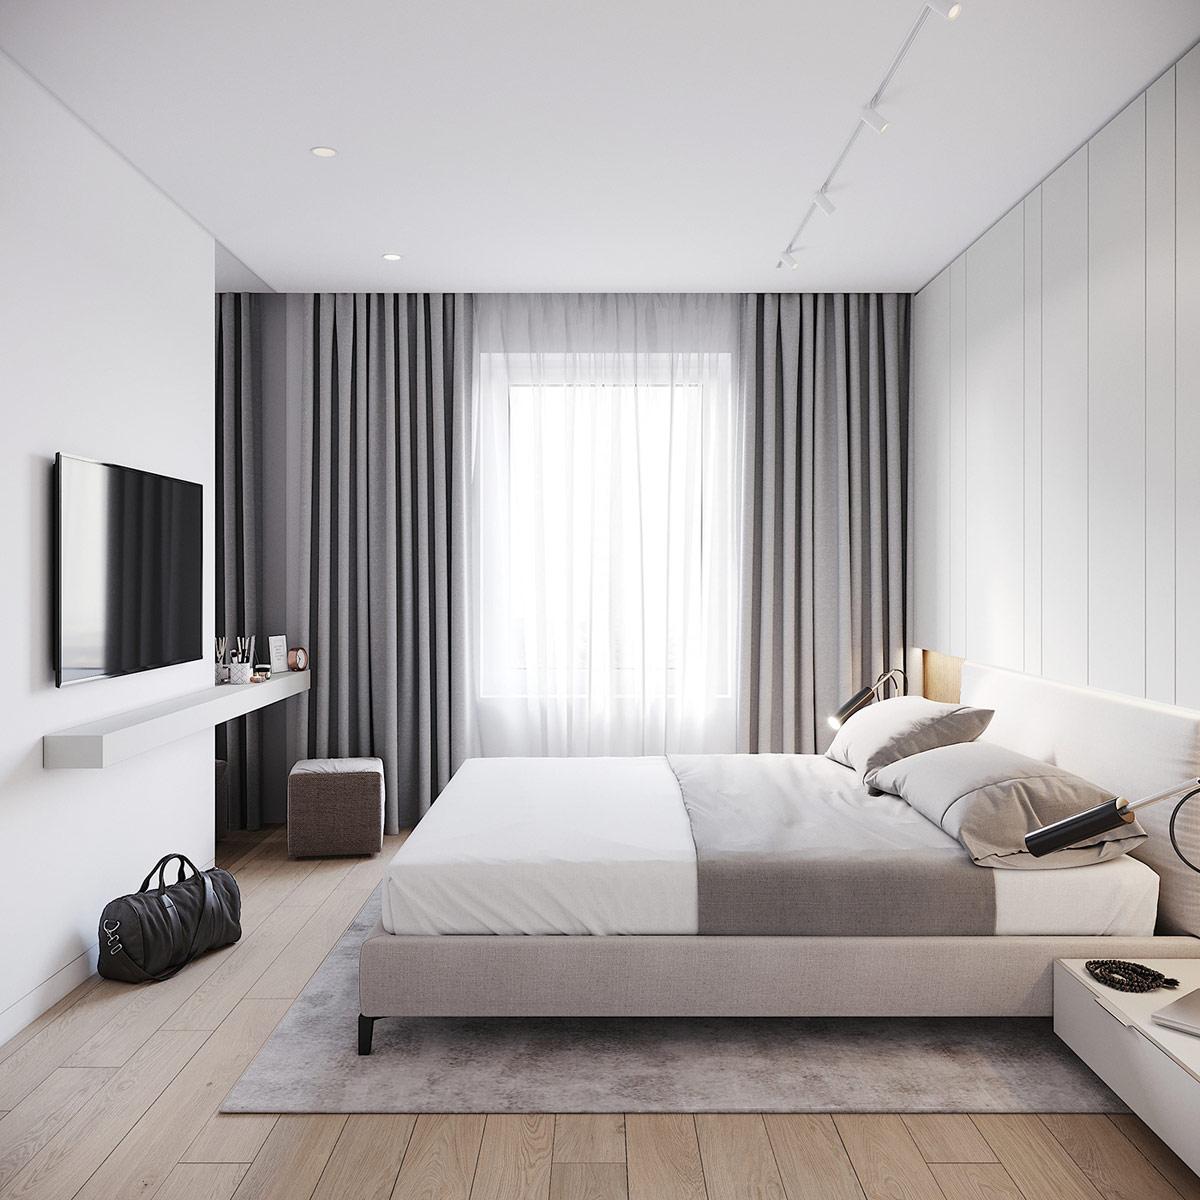 Tư vấn cải tạo nhà cấp 4 mái thái 110m² chi phí 219 triệu đồng - Ảnh 8.